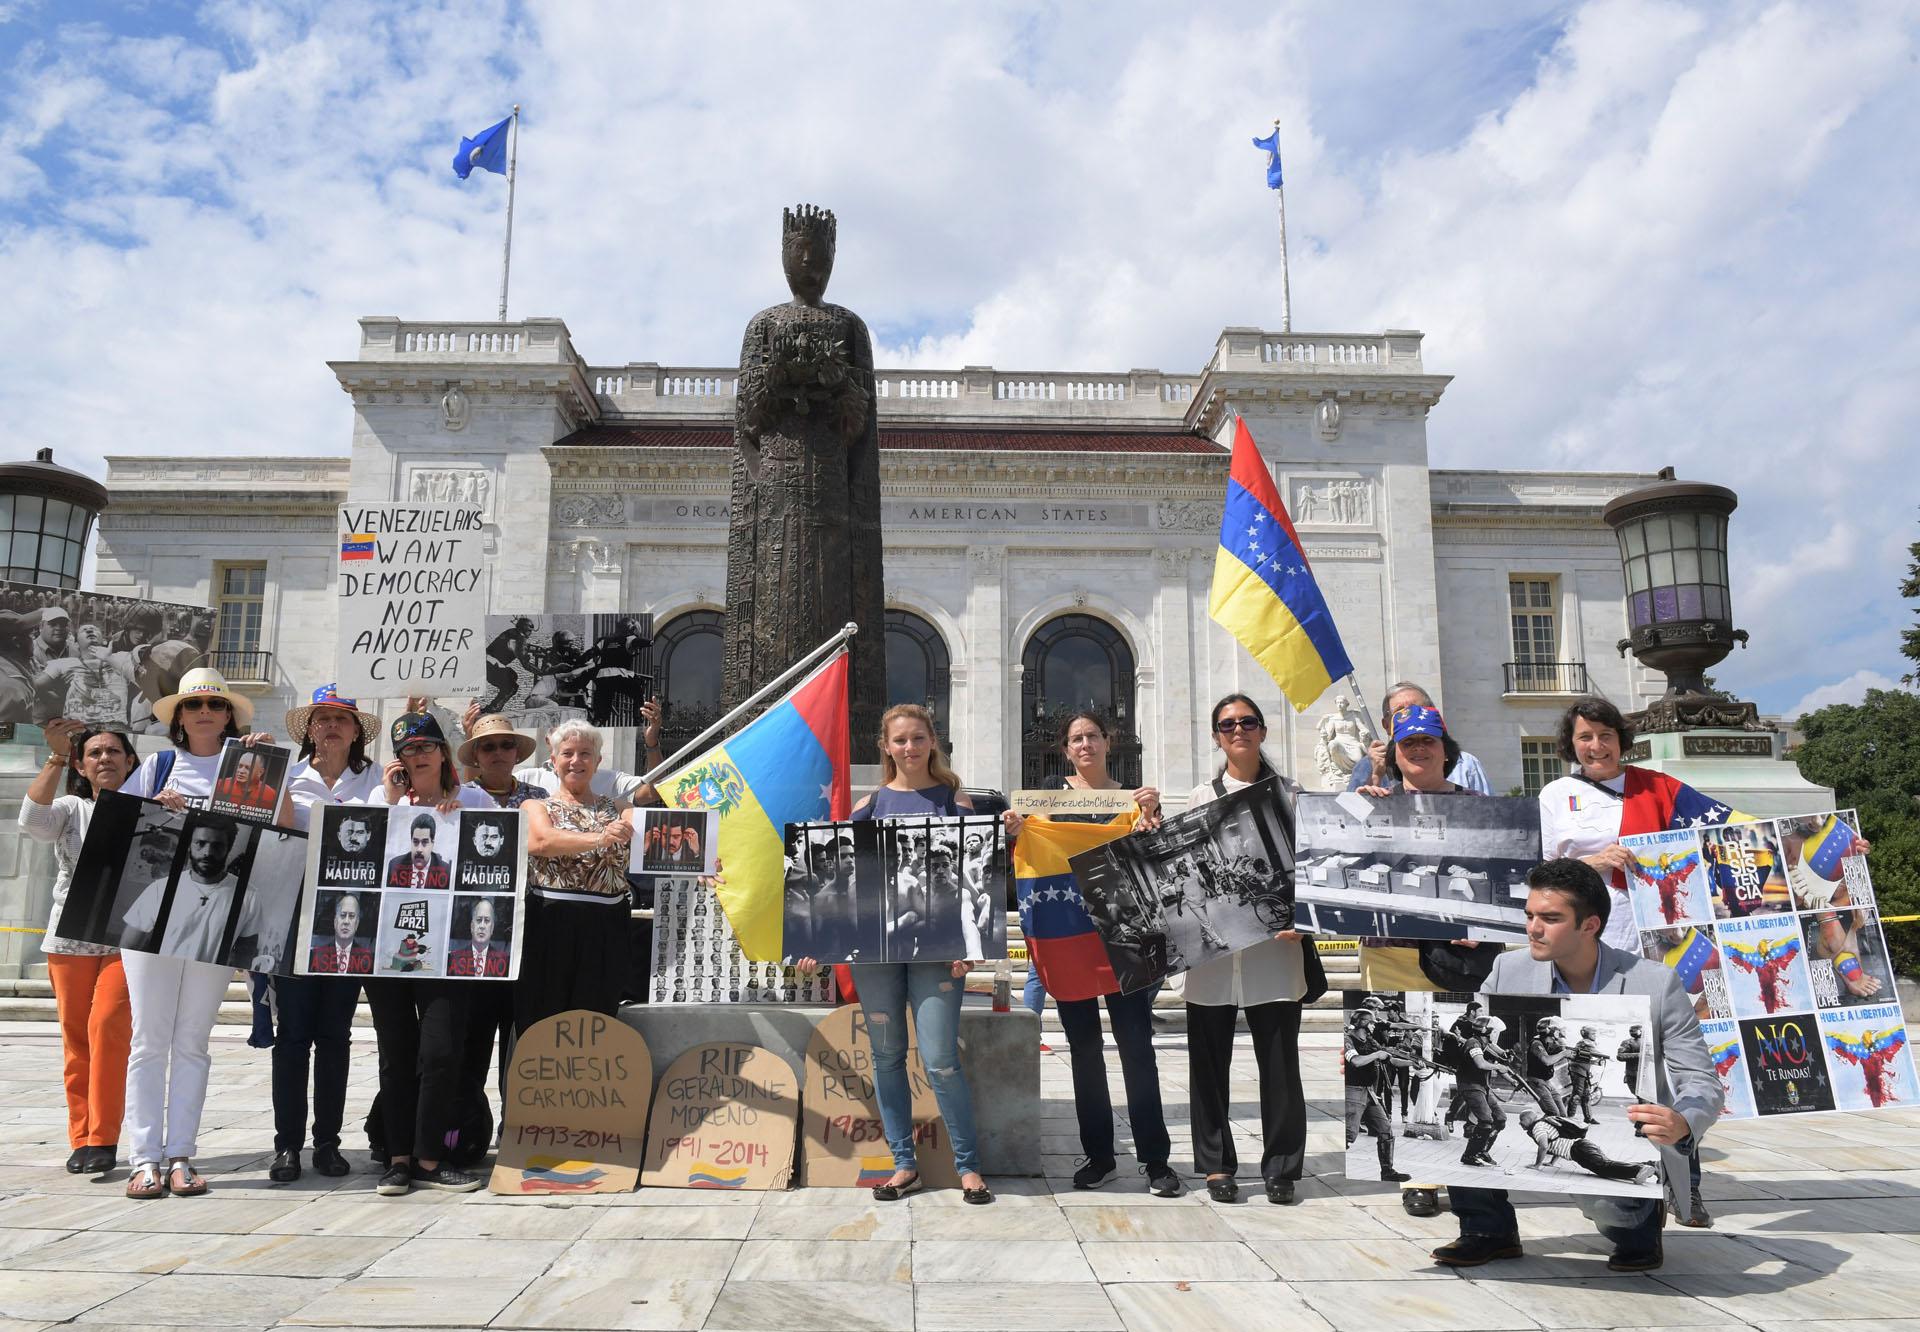 WAS14. WASHINGTON (DC, EEUU), 14/09/2017.- Activistas y ciudadanos venezolanos se manifiestan hoy, jueves 14 de septiembre 2017, frente a la sede de la Organización de los Estados Americanos (OEA) en Washington, DC (EE.UU.). La OEA inició hoy las audiencias públicas en las que se determinará si hay fundamento para denunciar al Gobierno de Venezuela por crímenes de lesa humanidad ante la Corte Penal Internacional (CPI). EFE/Lenin Nolly